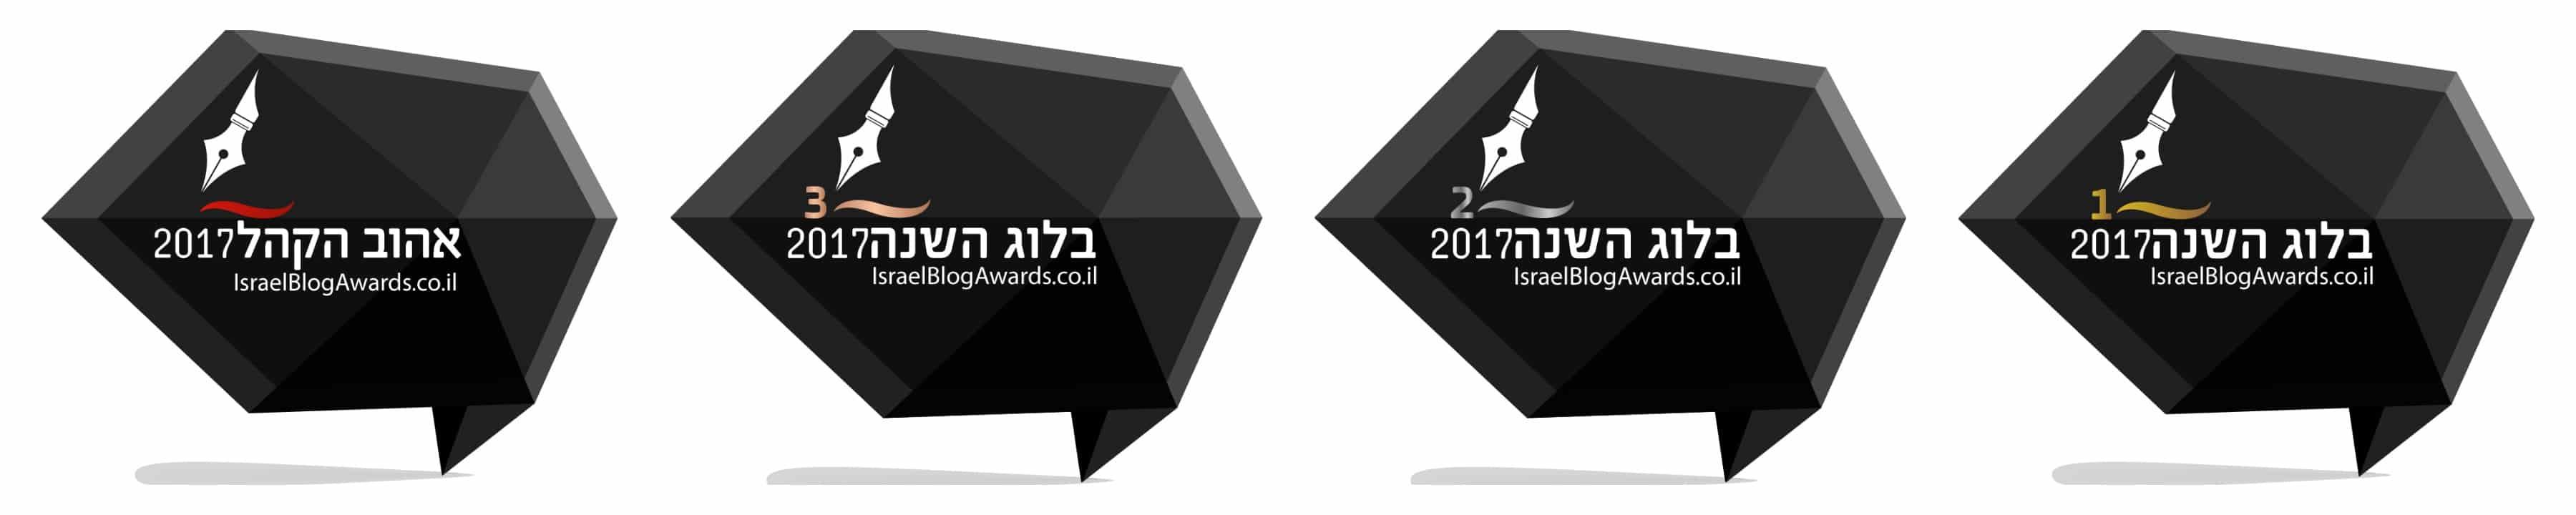 נווד דיגיטלי - פרס בלוג השנה של ישראל